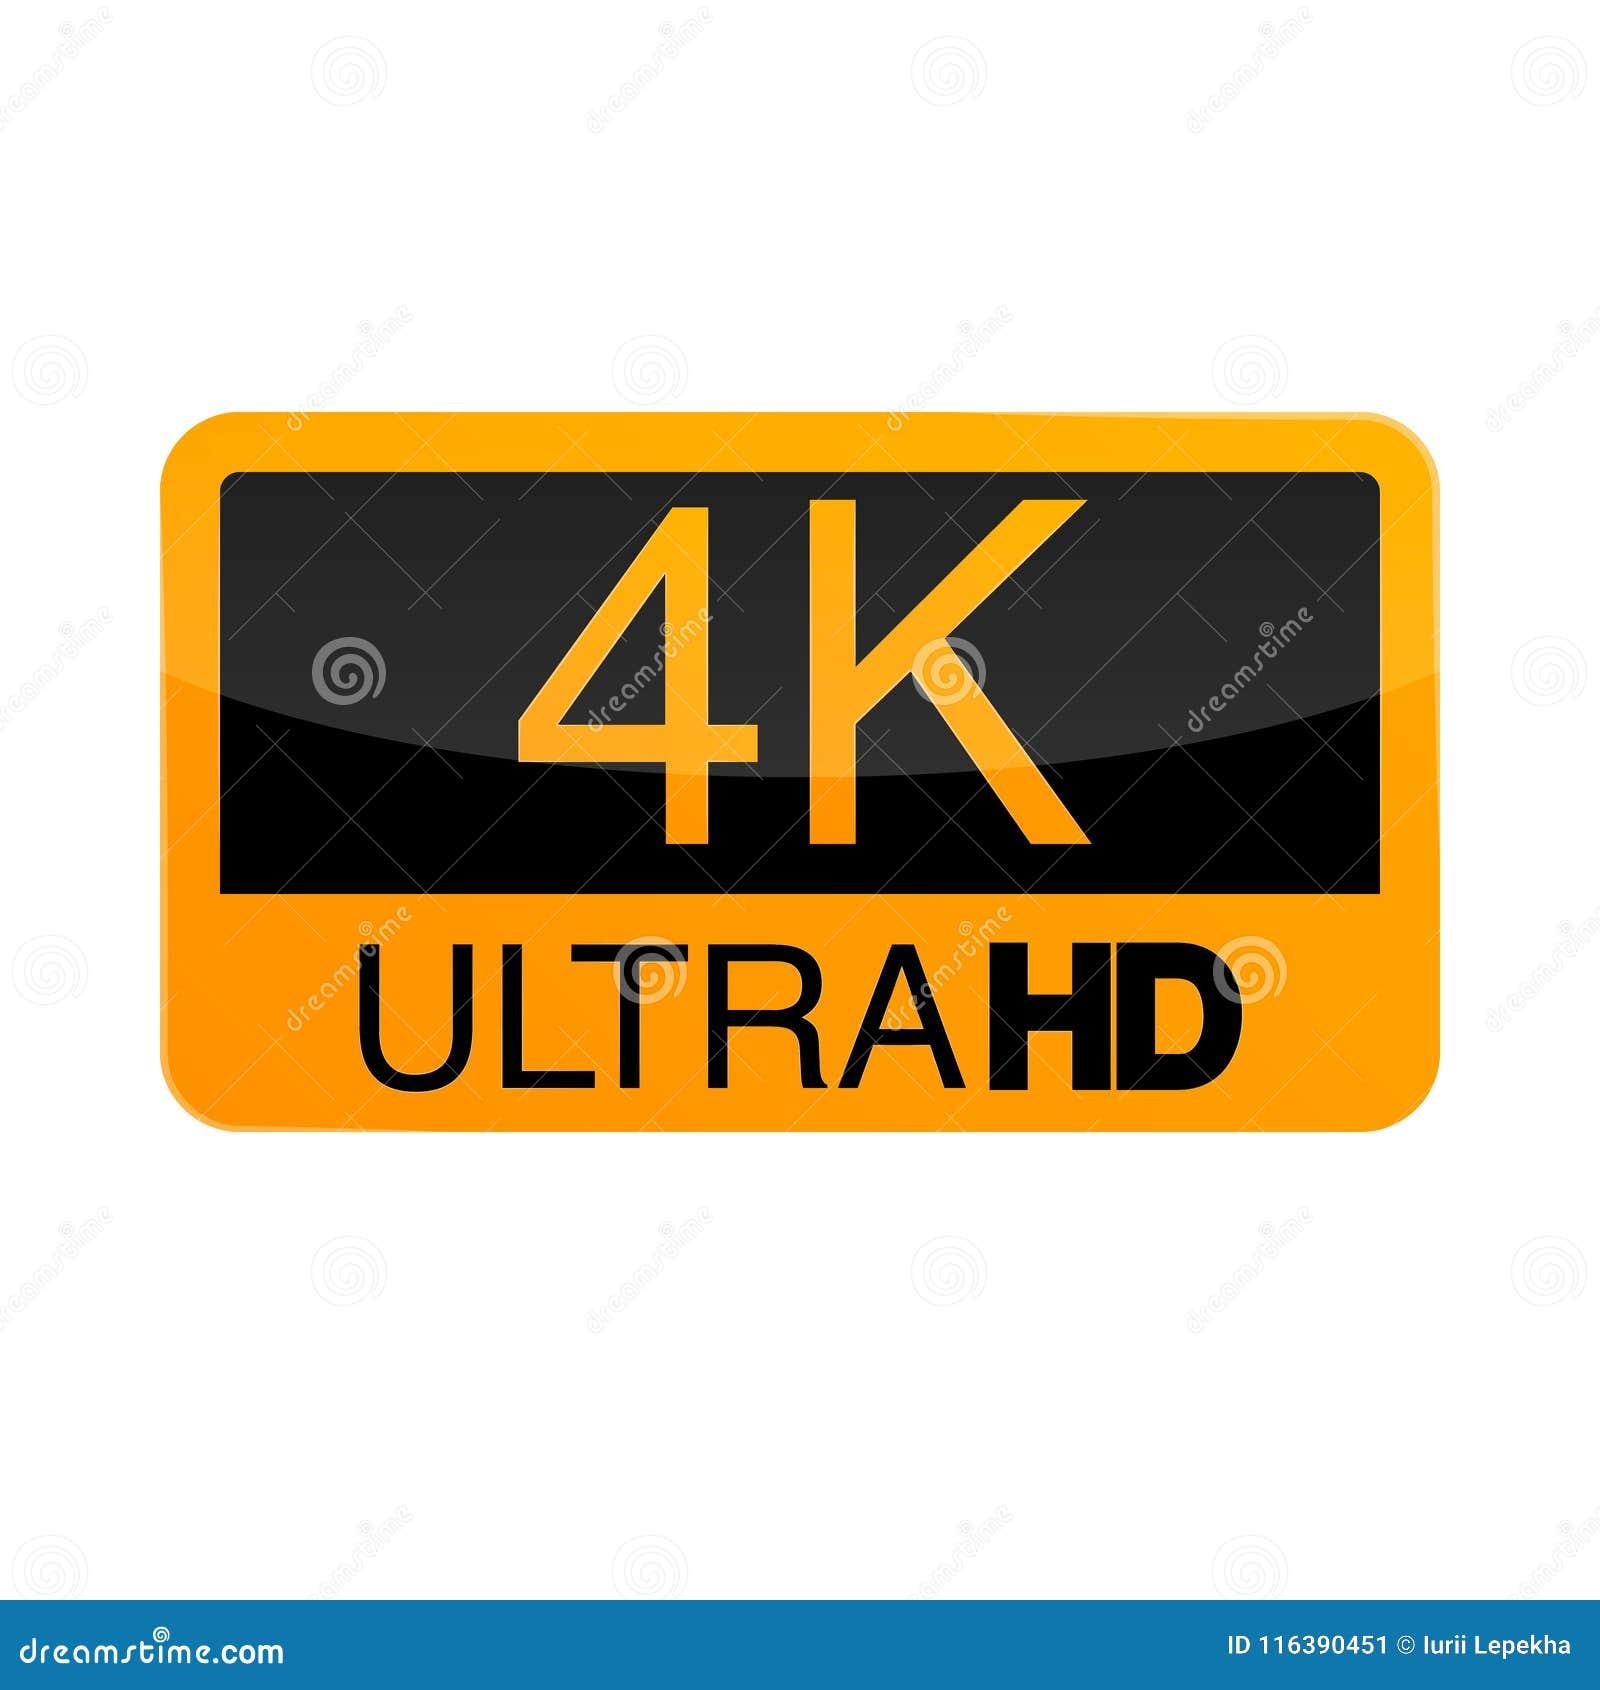 Logo 4k Ultra Hd Vector Illustration Of 4k Video